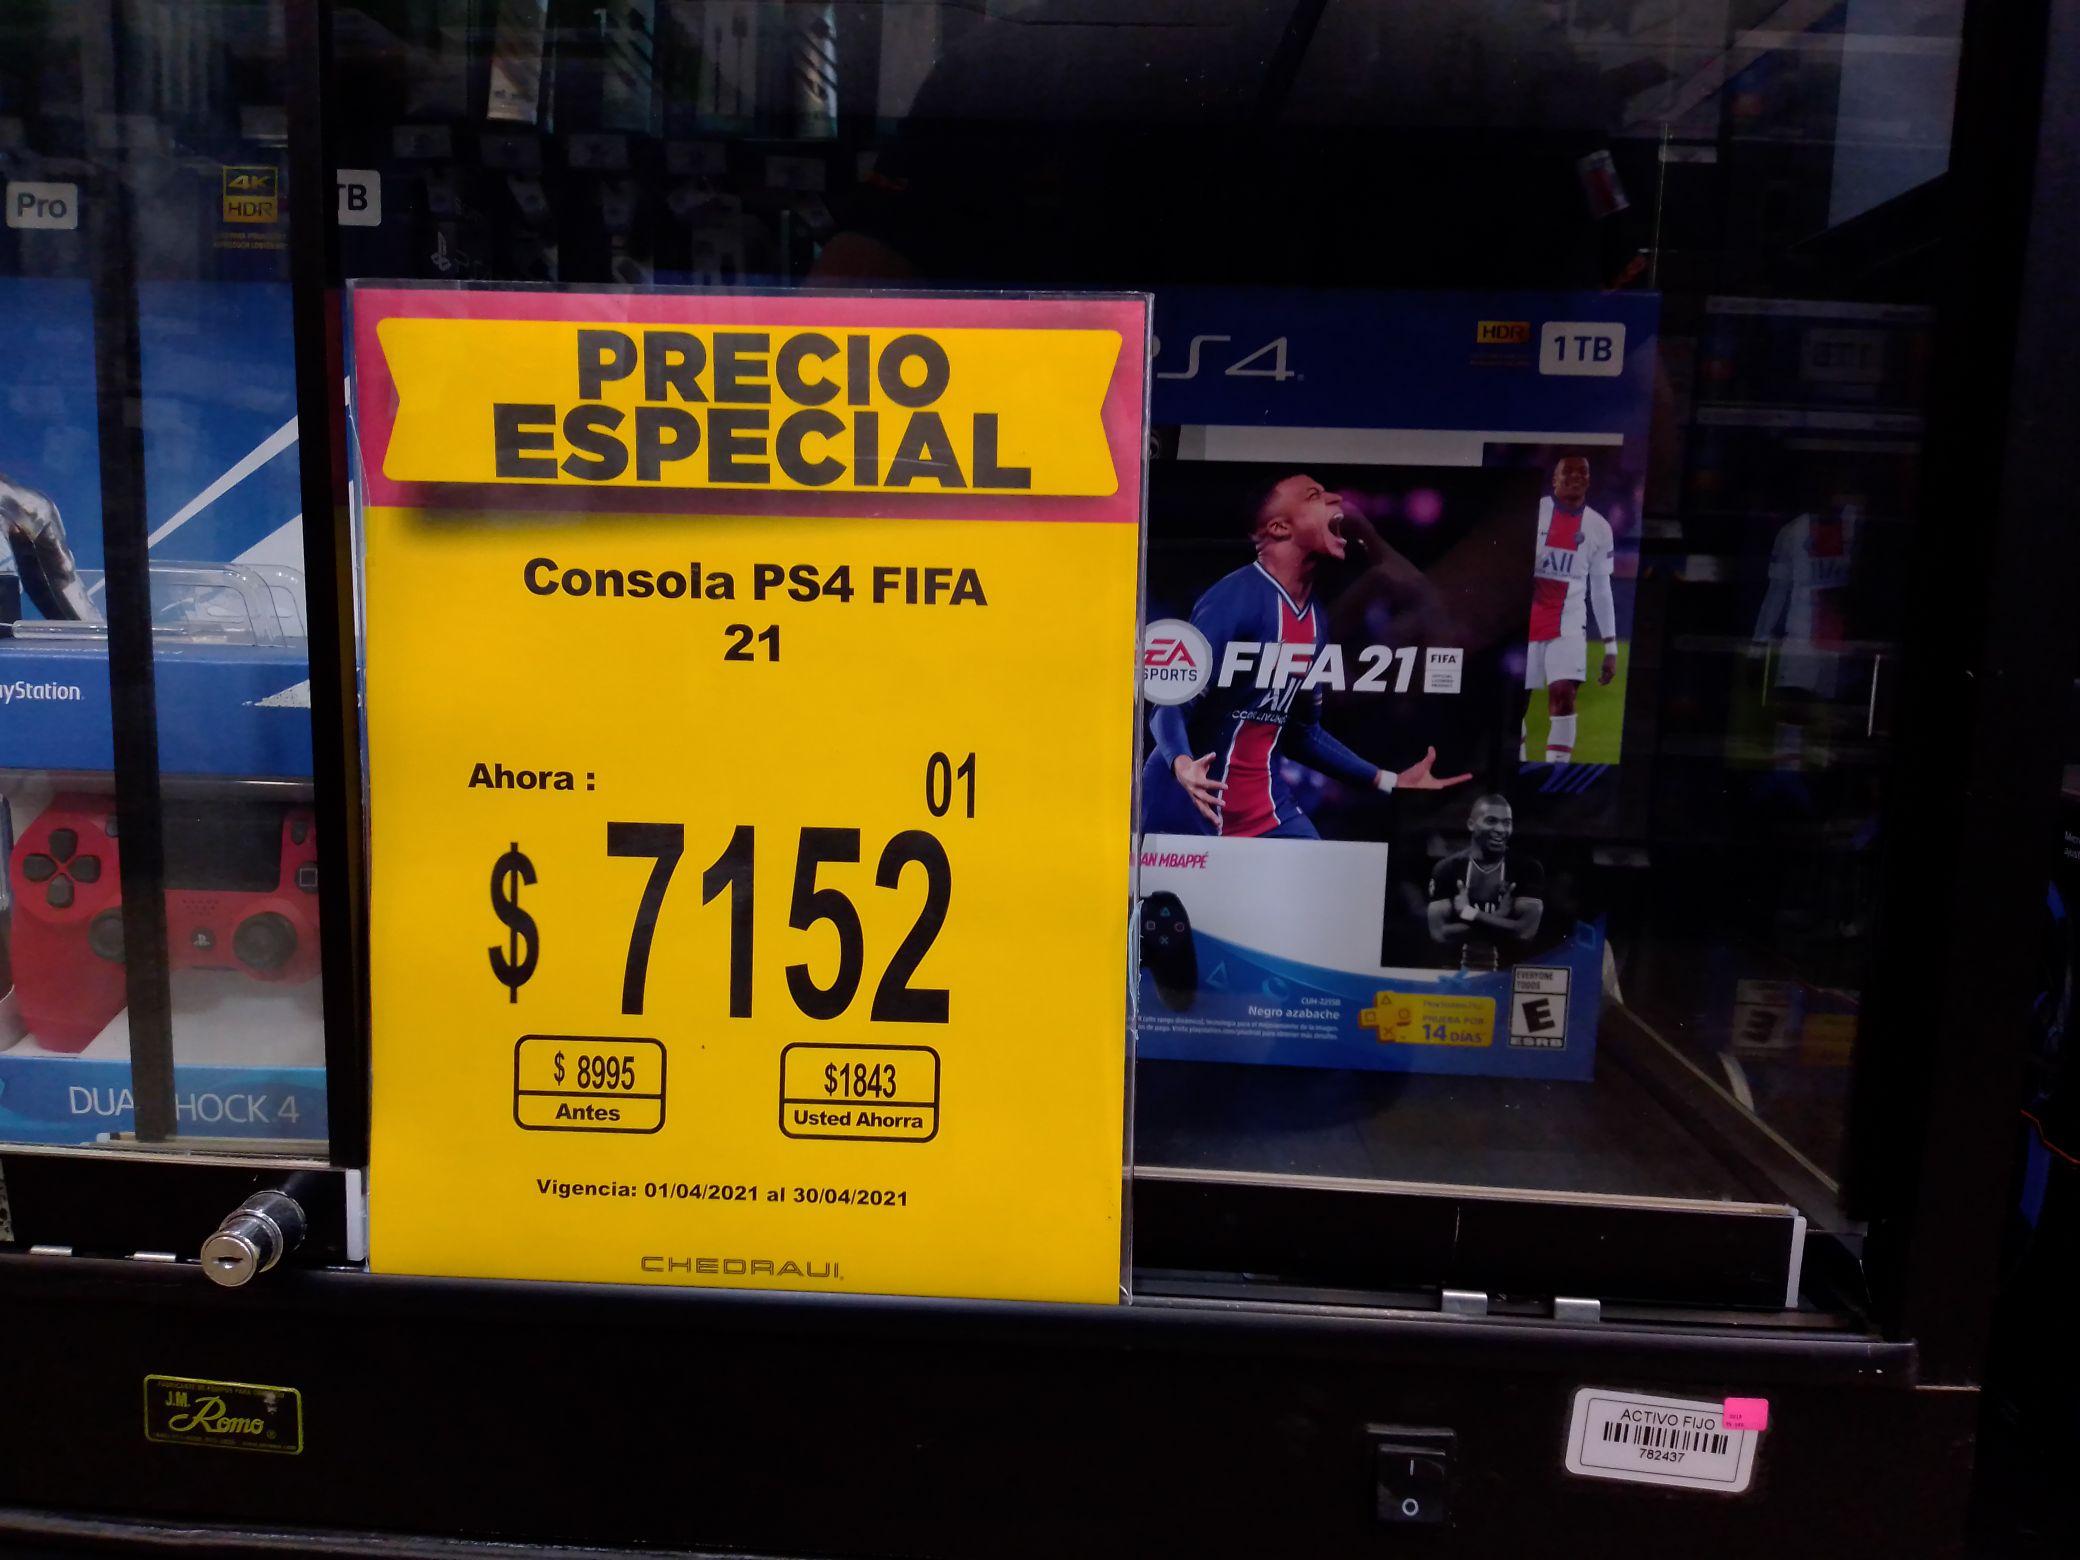 Chedraui: Consola PS4 FIFA 21